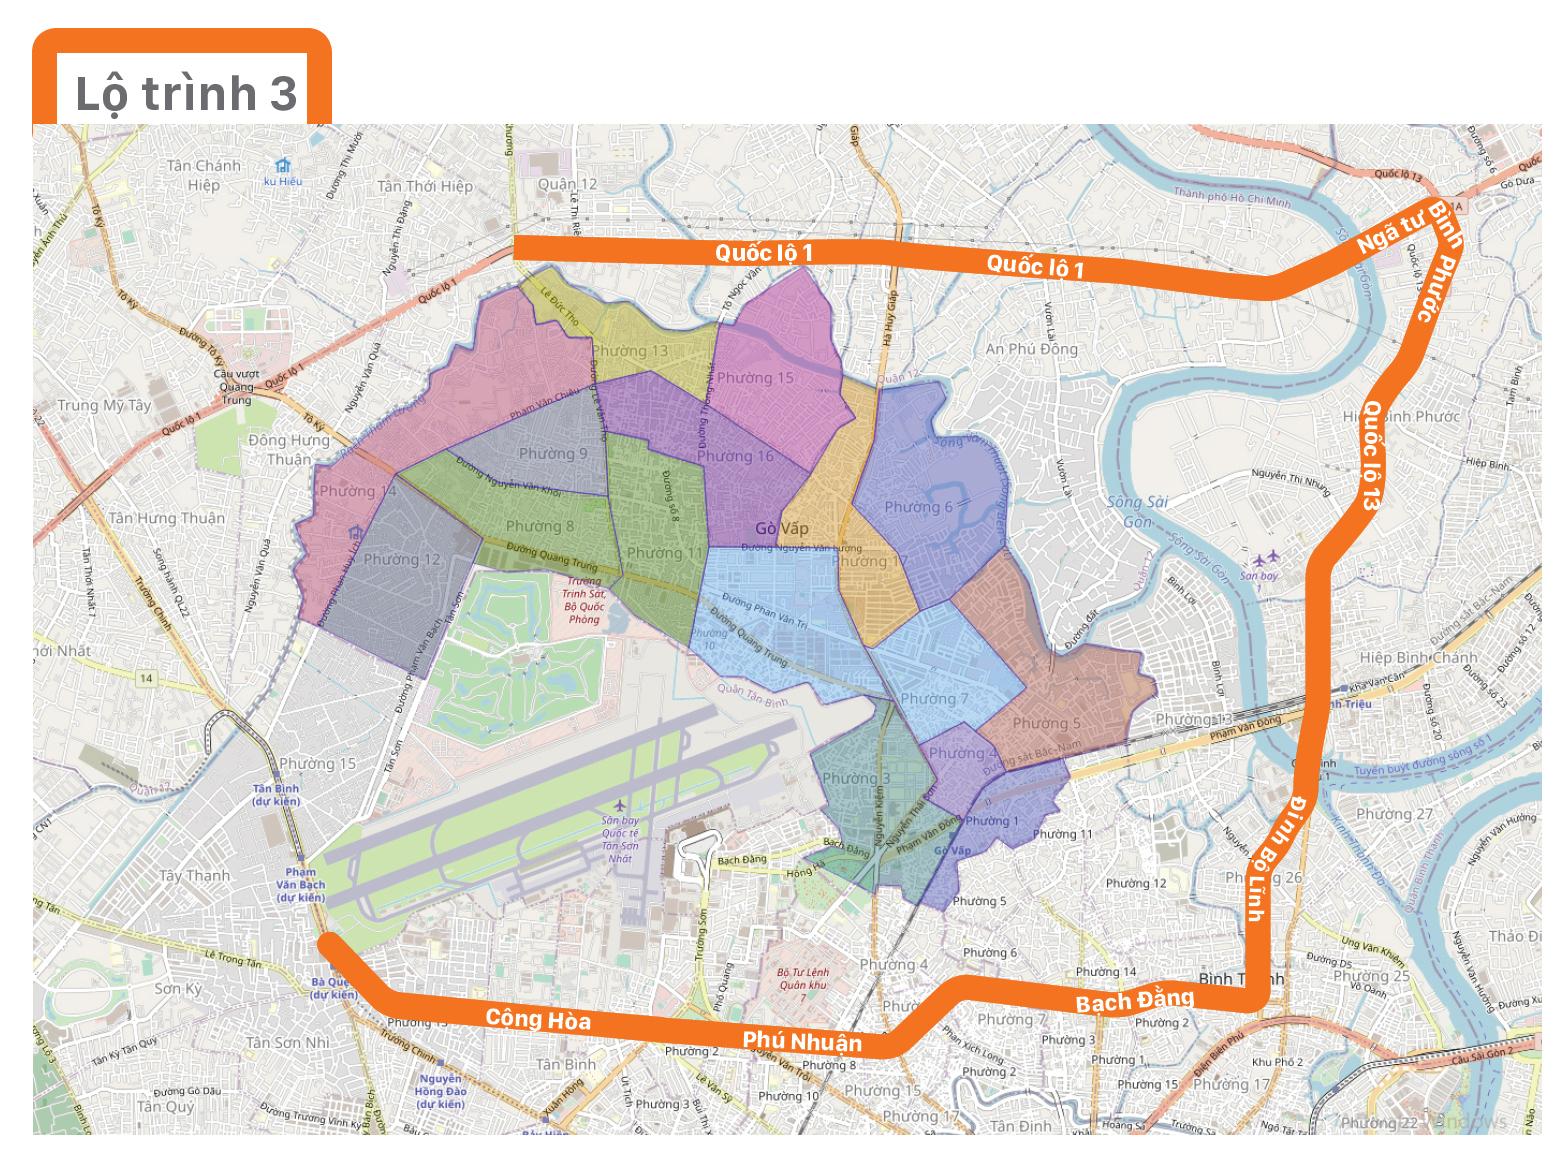 Một số lộ trình lưu thông không qua địa bàn quận Gò Vấp ảnh 4